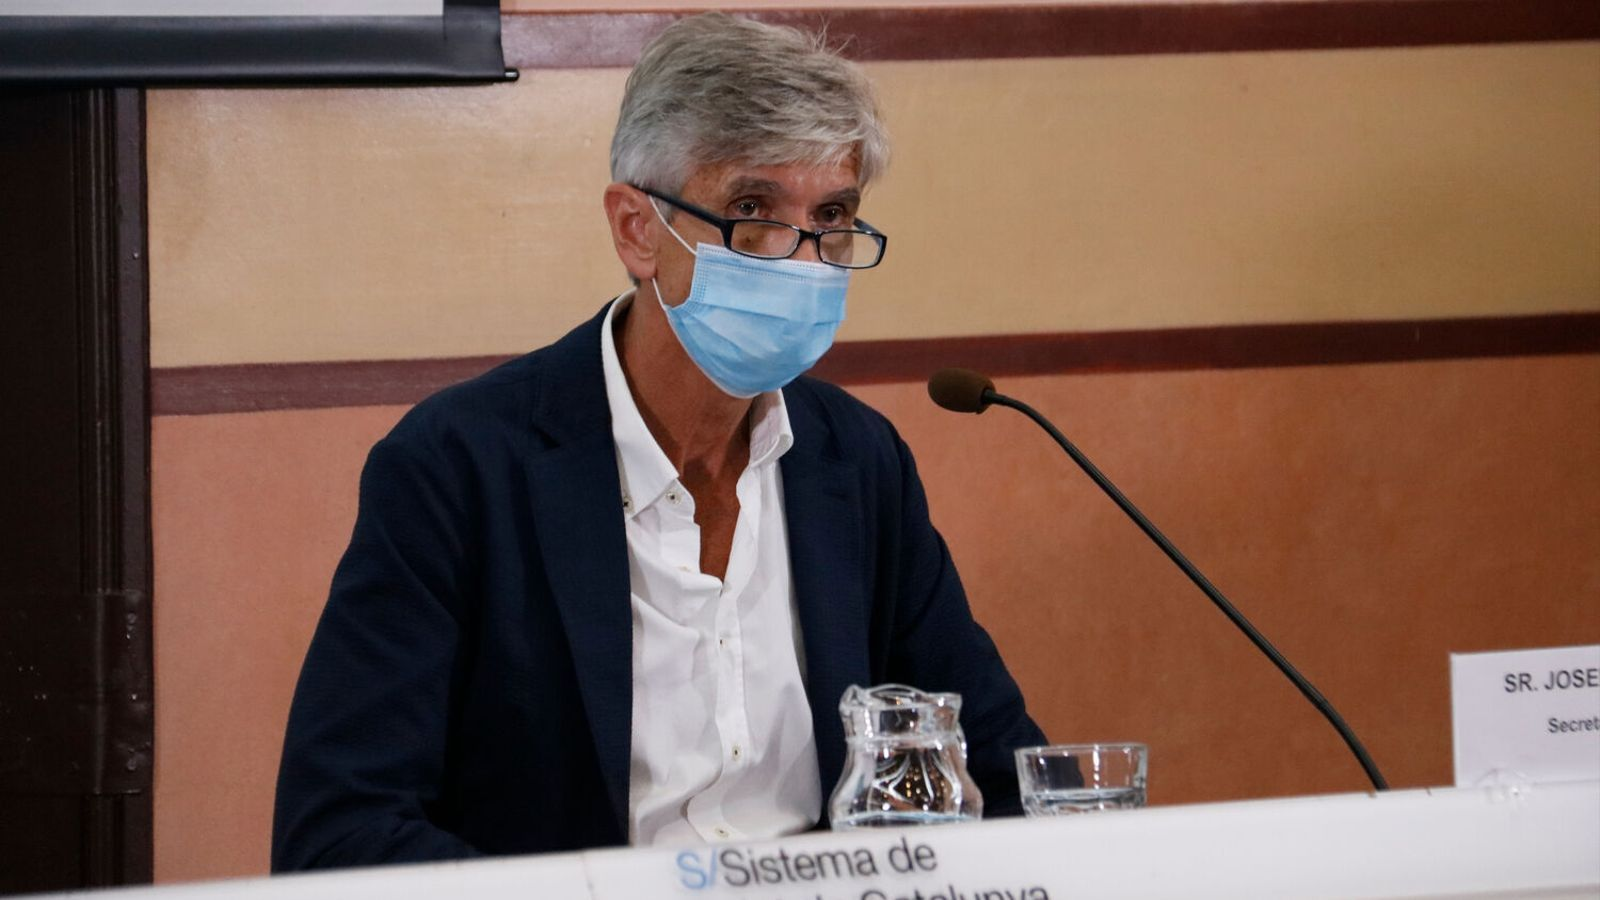 Salut analitza la situació epidemiològica de Catalunya pel covid-19